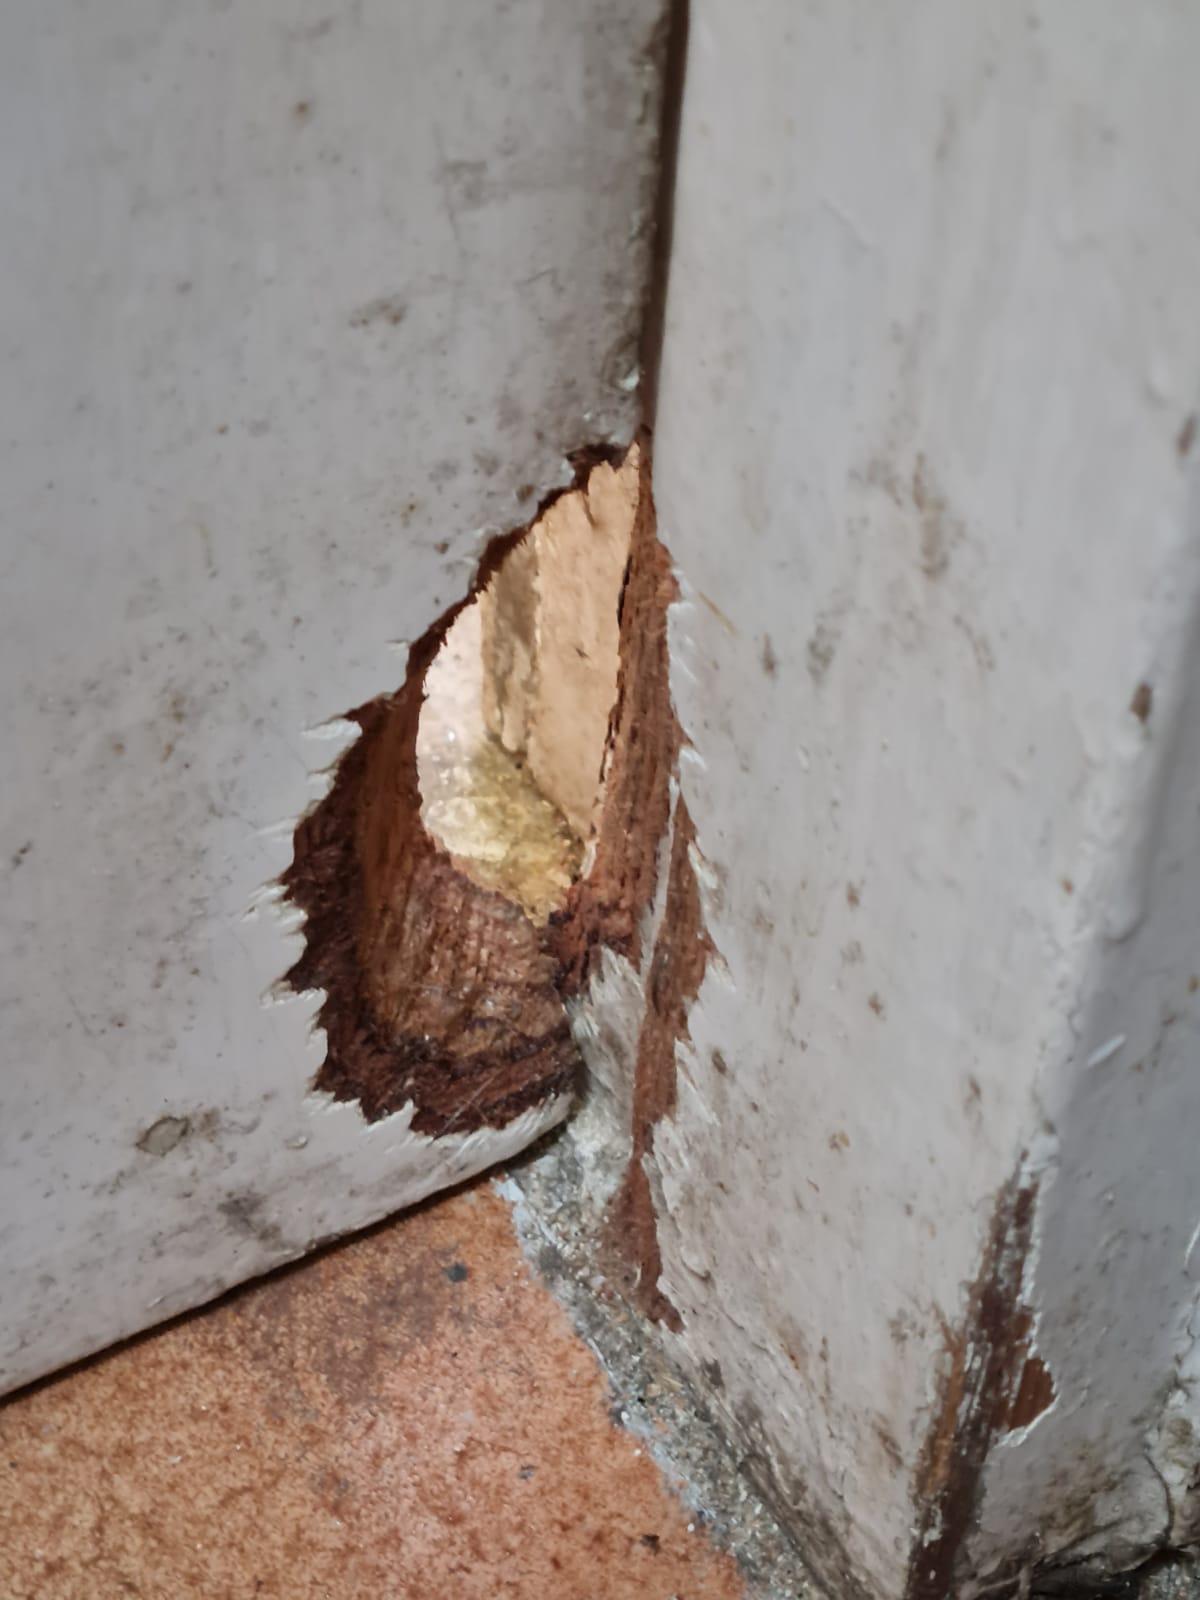 נזקי חולדות בבית - כרסום חור בדלת מעץ - גור הדברות